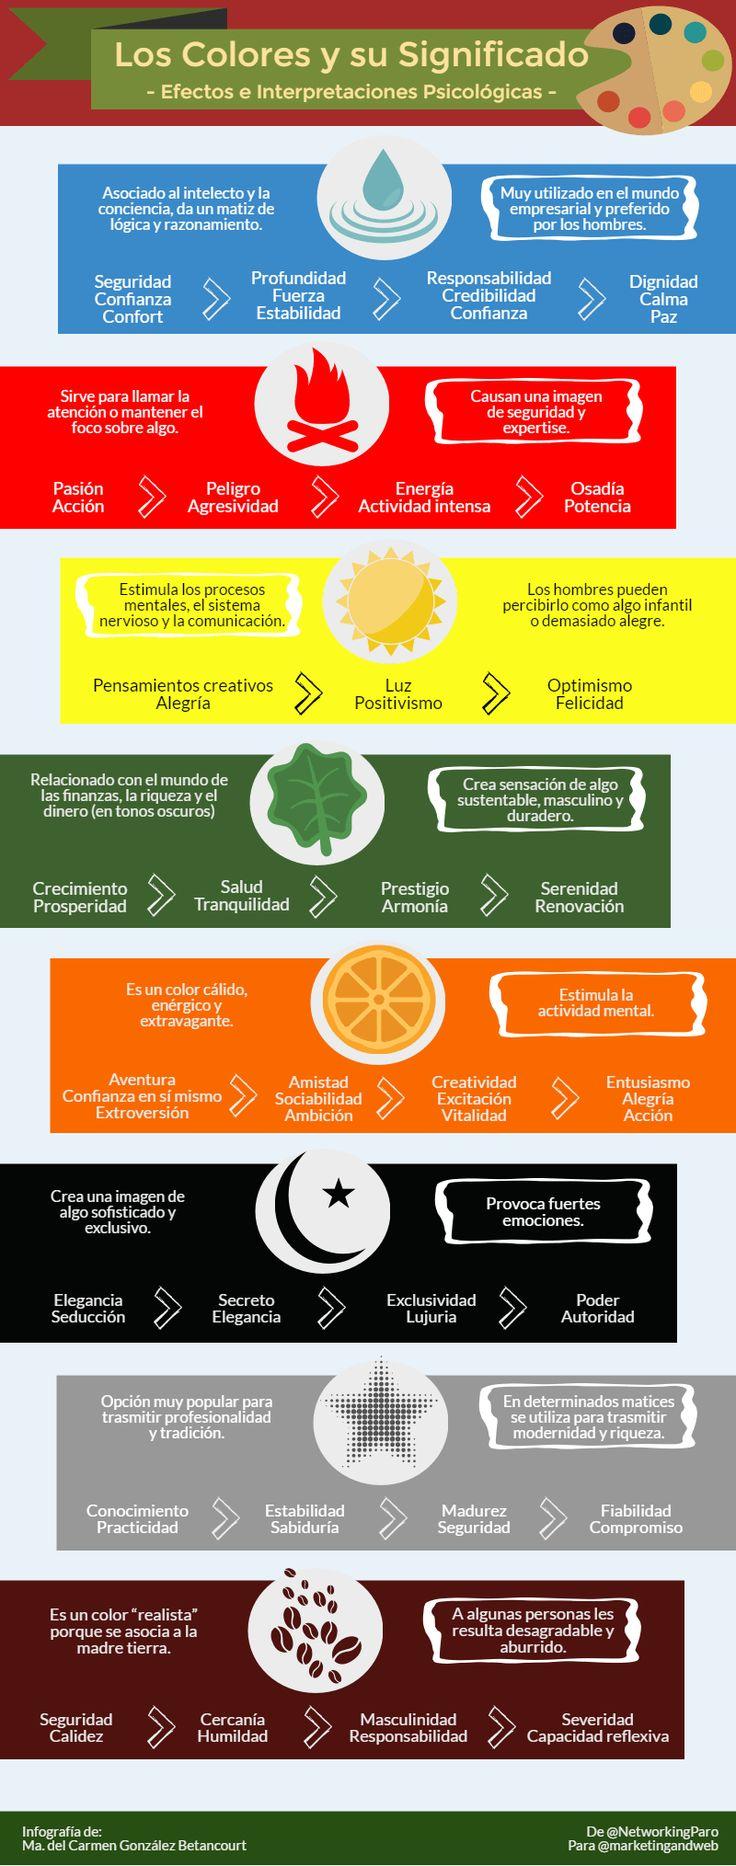 Los colores y su significado: efectos e interpretaciones psicológicas #infografia #infographic | TICs y Formación